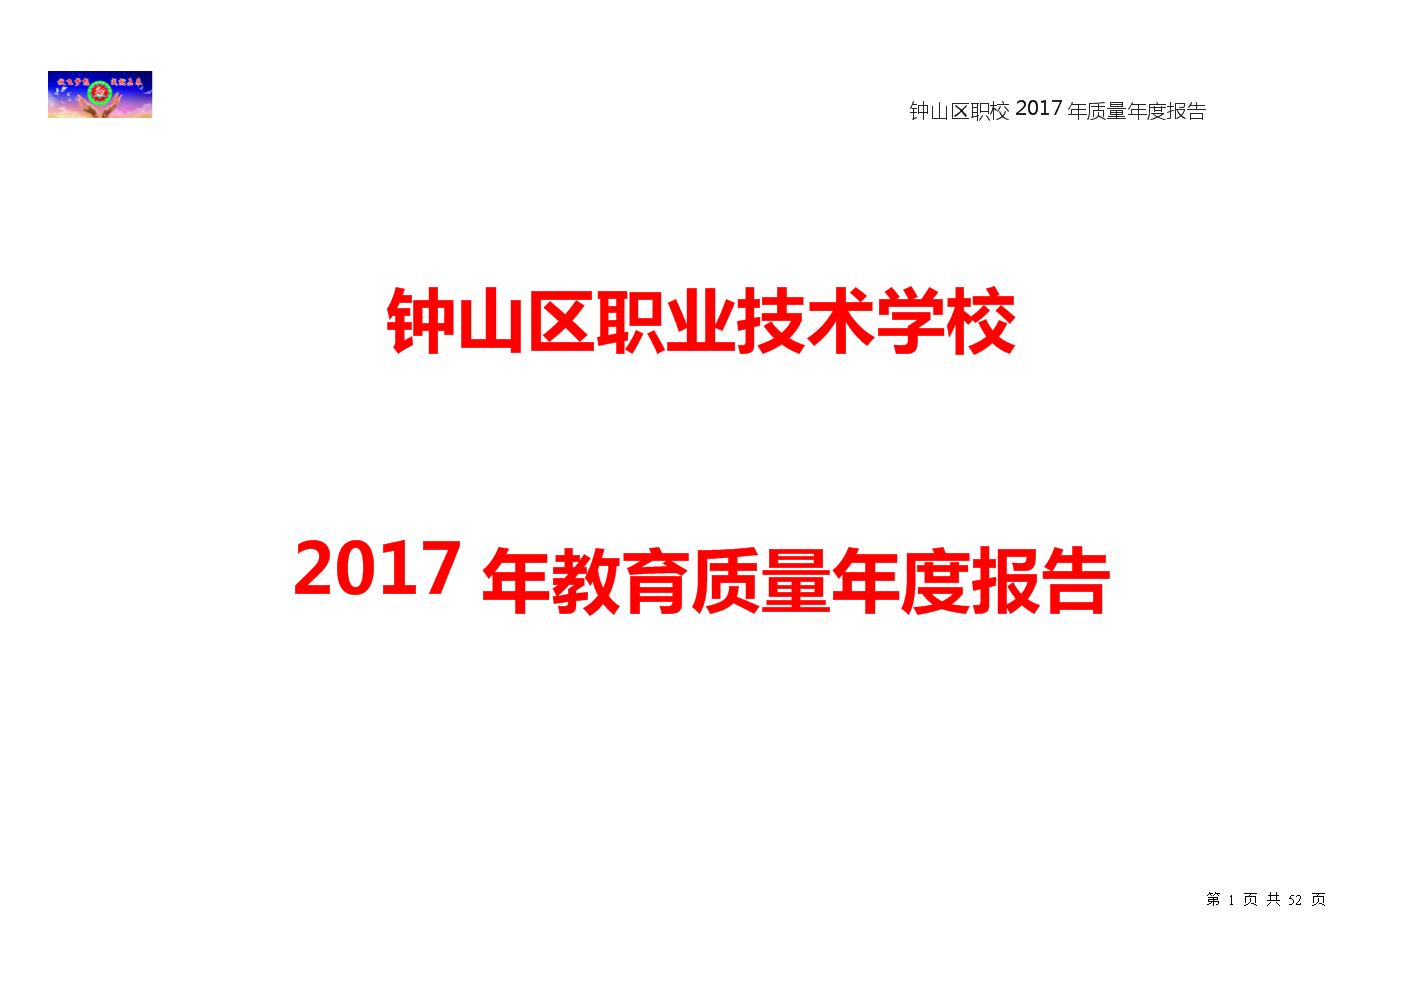 钟山区职业技术学校2017年教育质量年度报告.doc